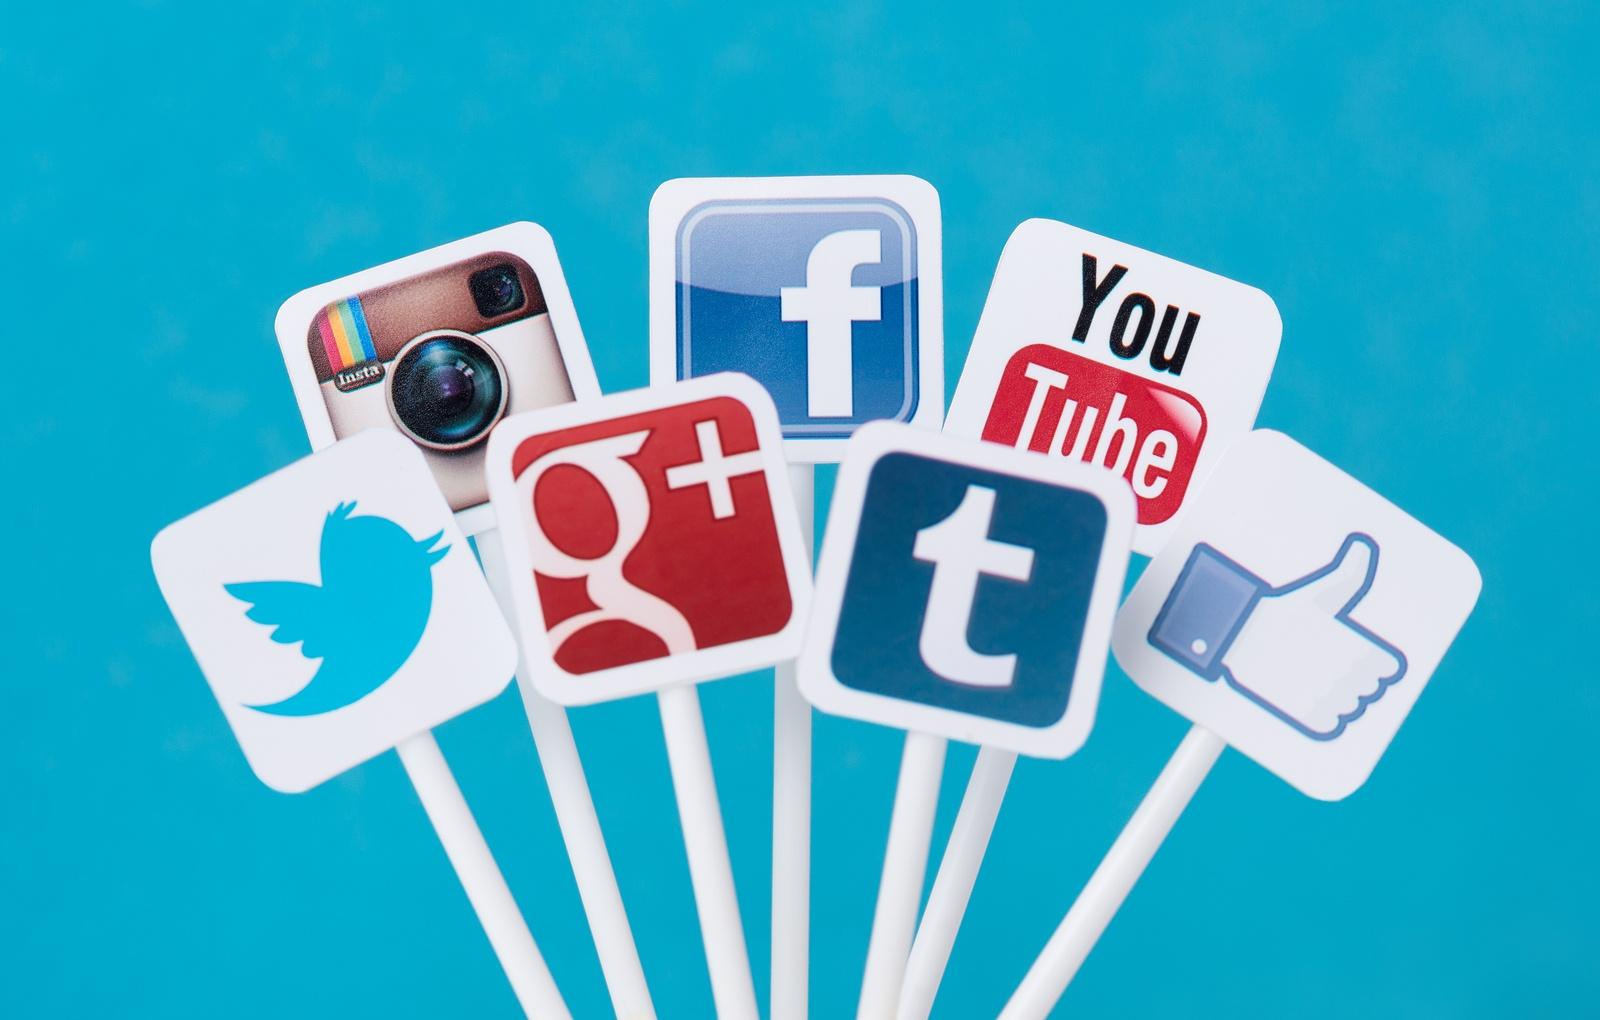 bigstock-Social-Media-Signs-65494285